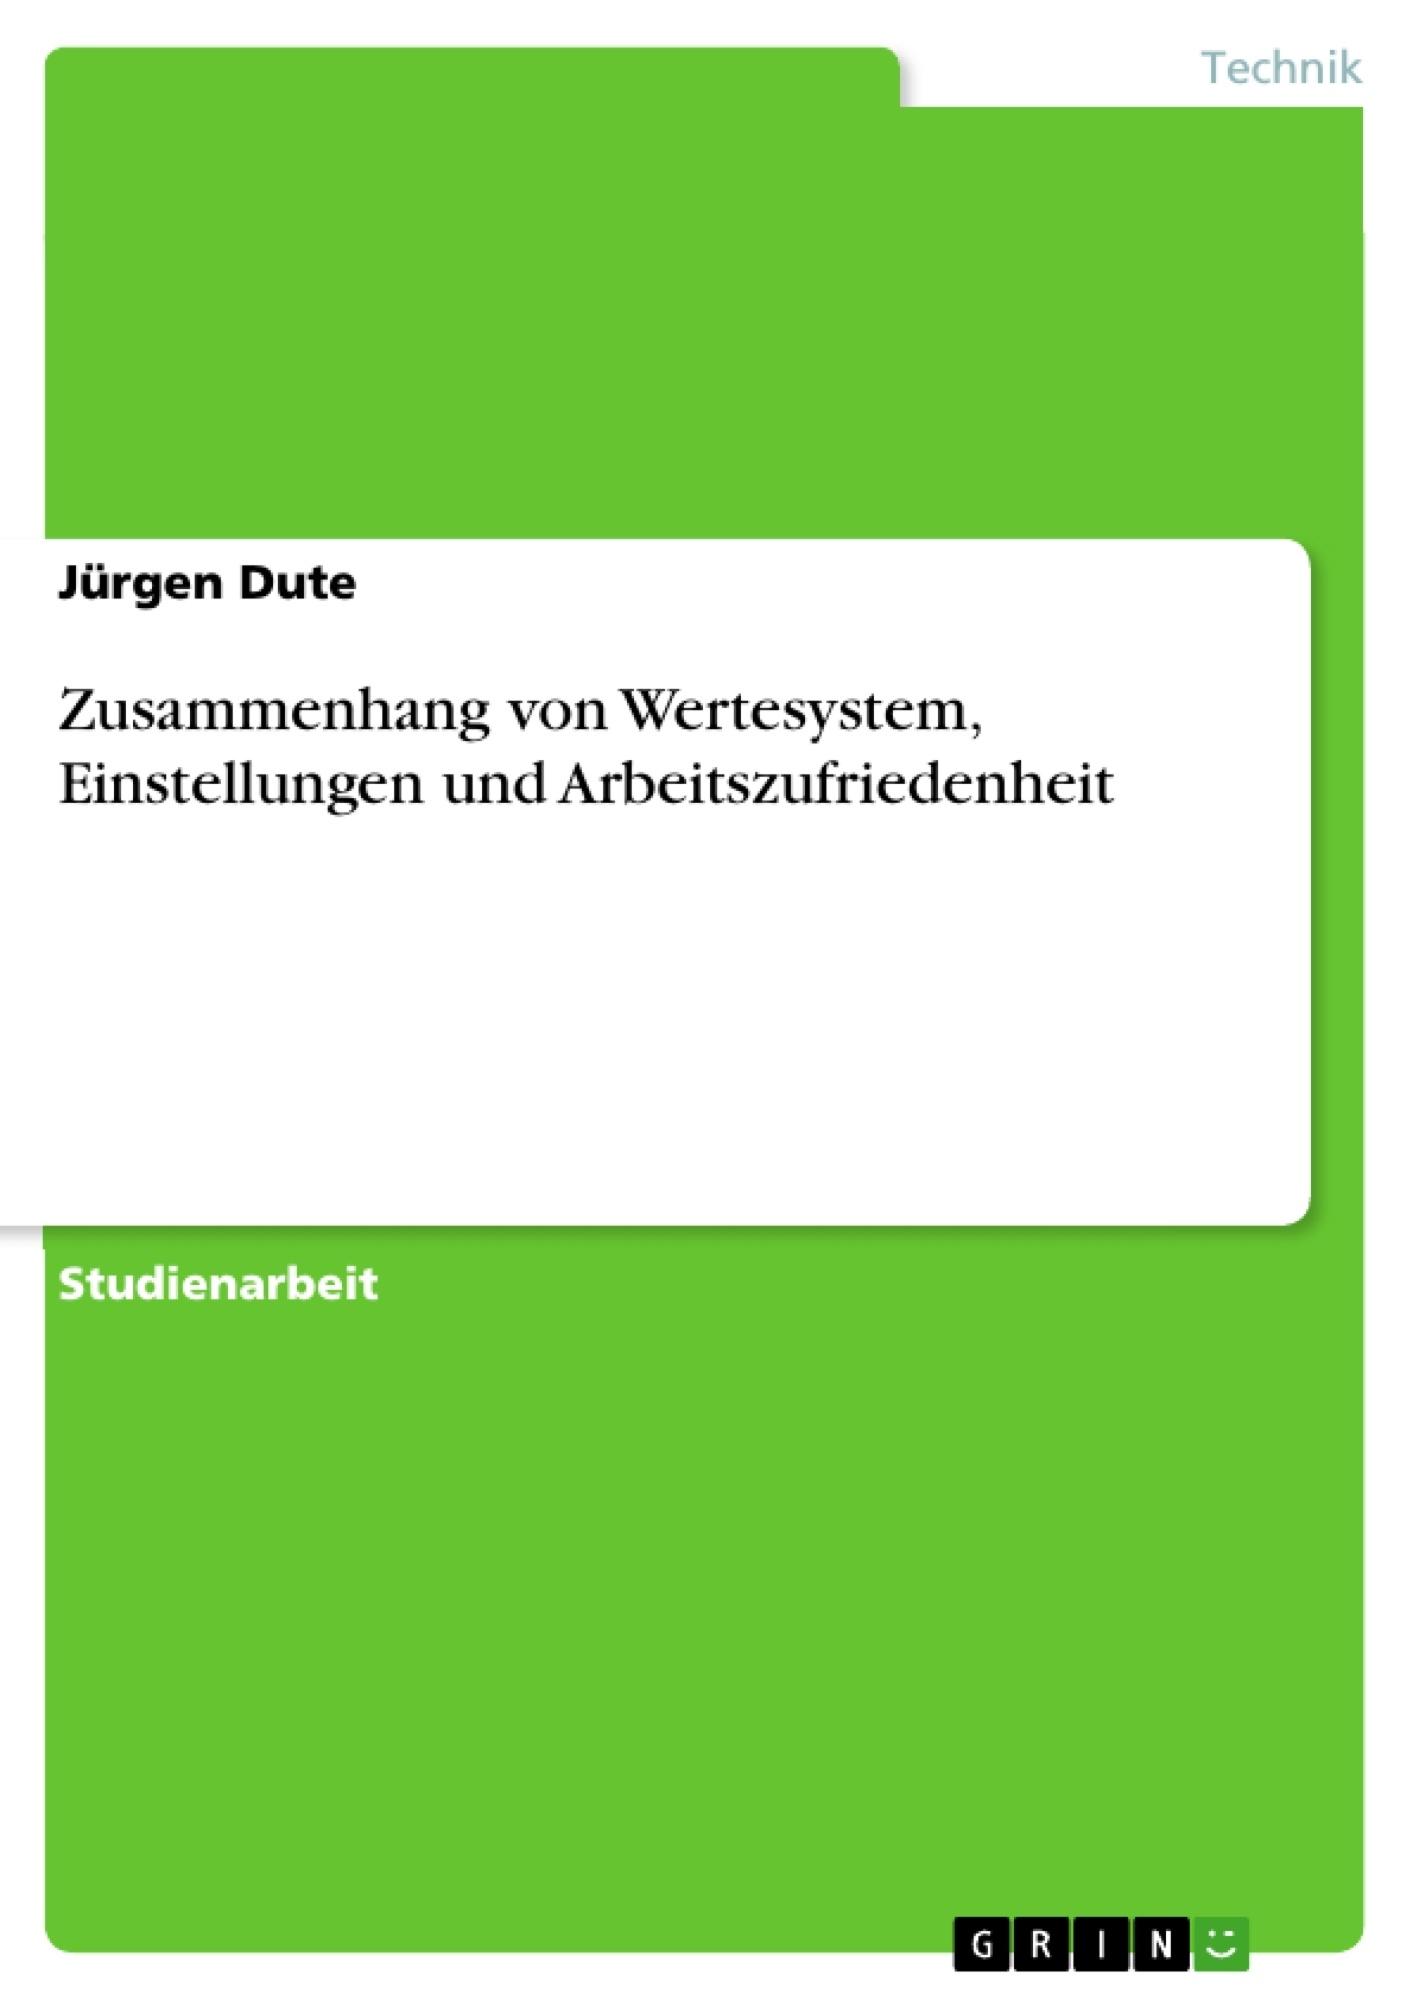 Titel: Zusammenhang von Wertesystem, Einstellungen und Arbeitszufriedenheit